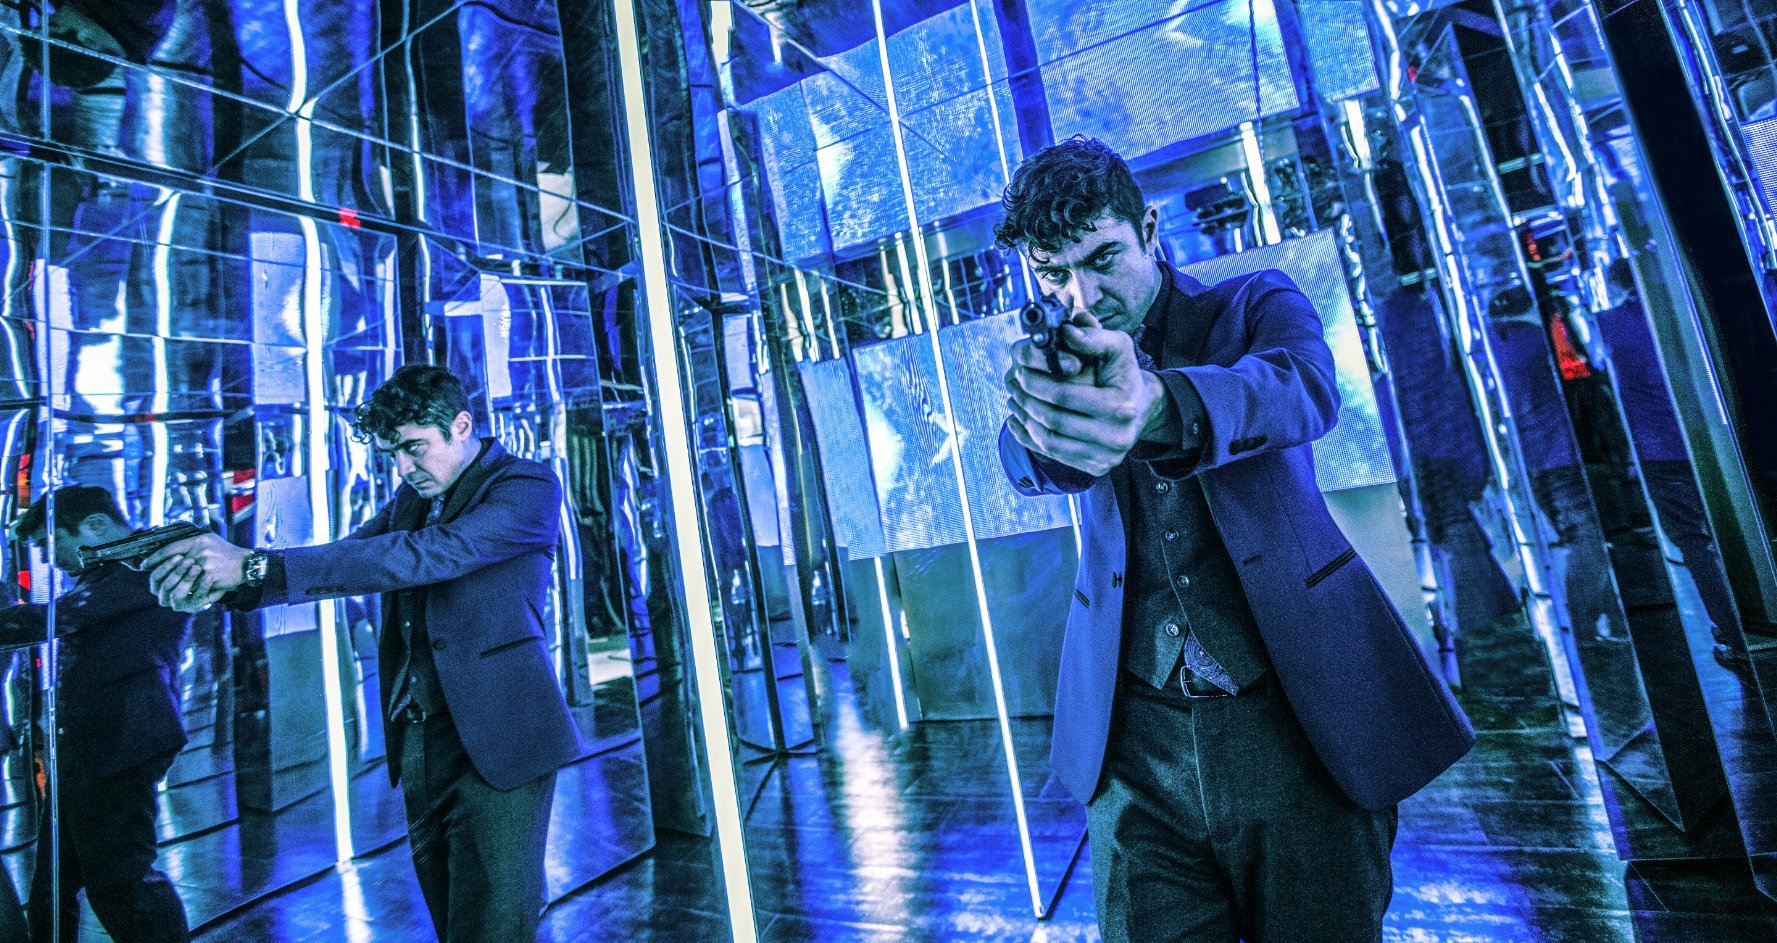 джон уик 2 обзор рецензия премьера сеансы john wick chapter 2 review